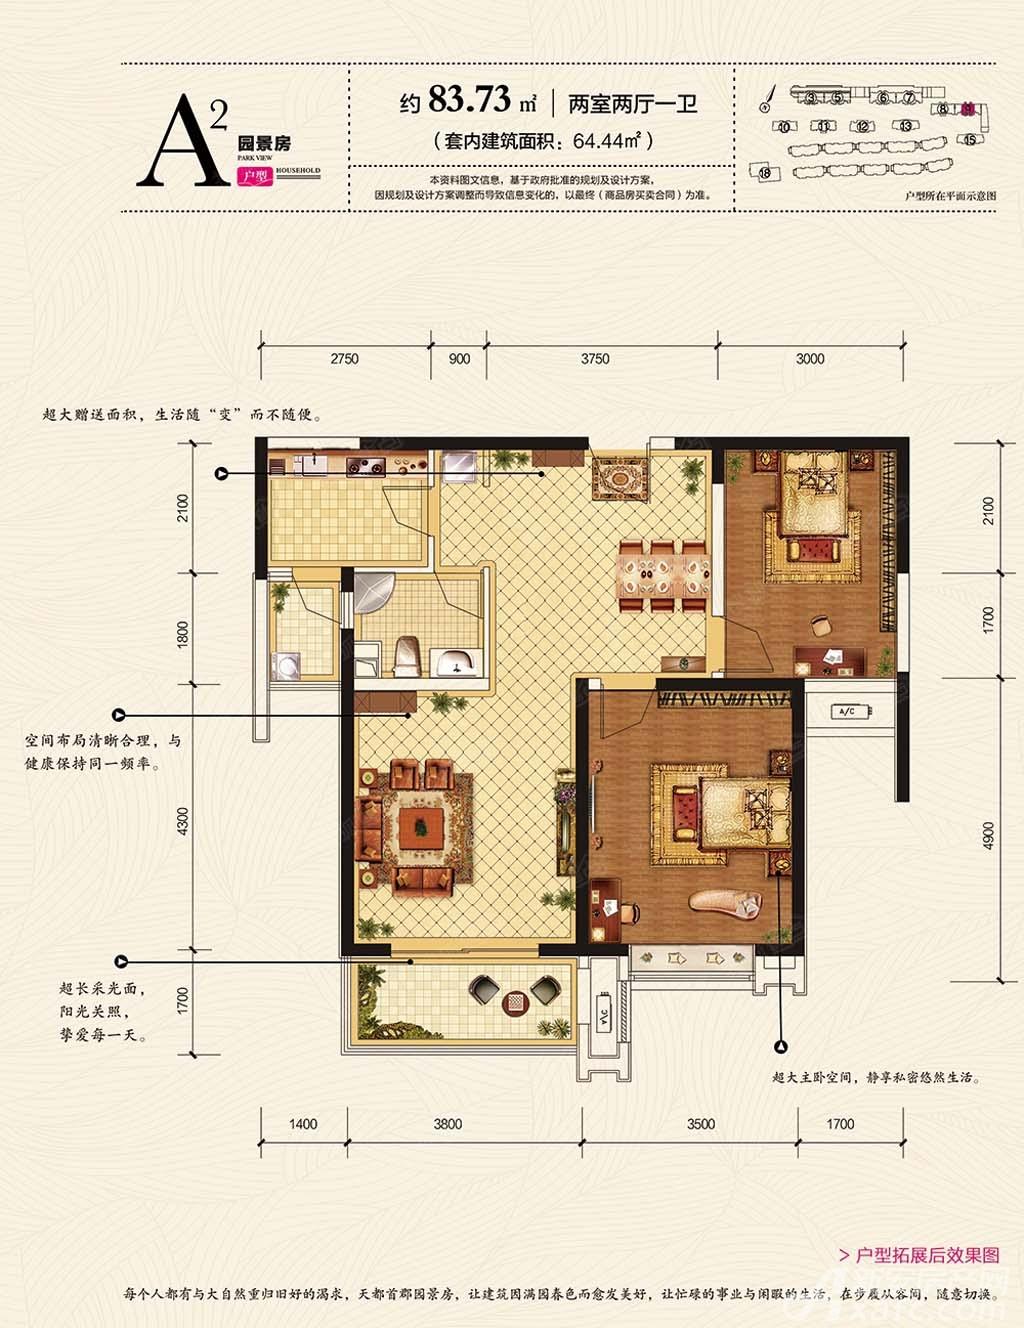 天都首郡9#楼A2户型江景房2室2厅83.73平米